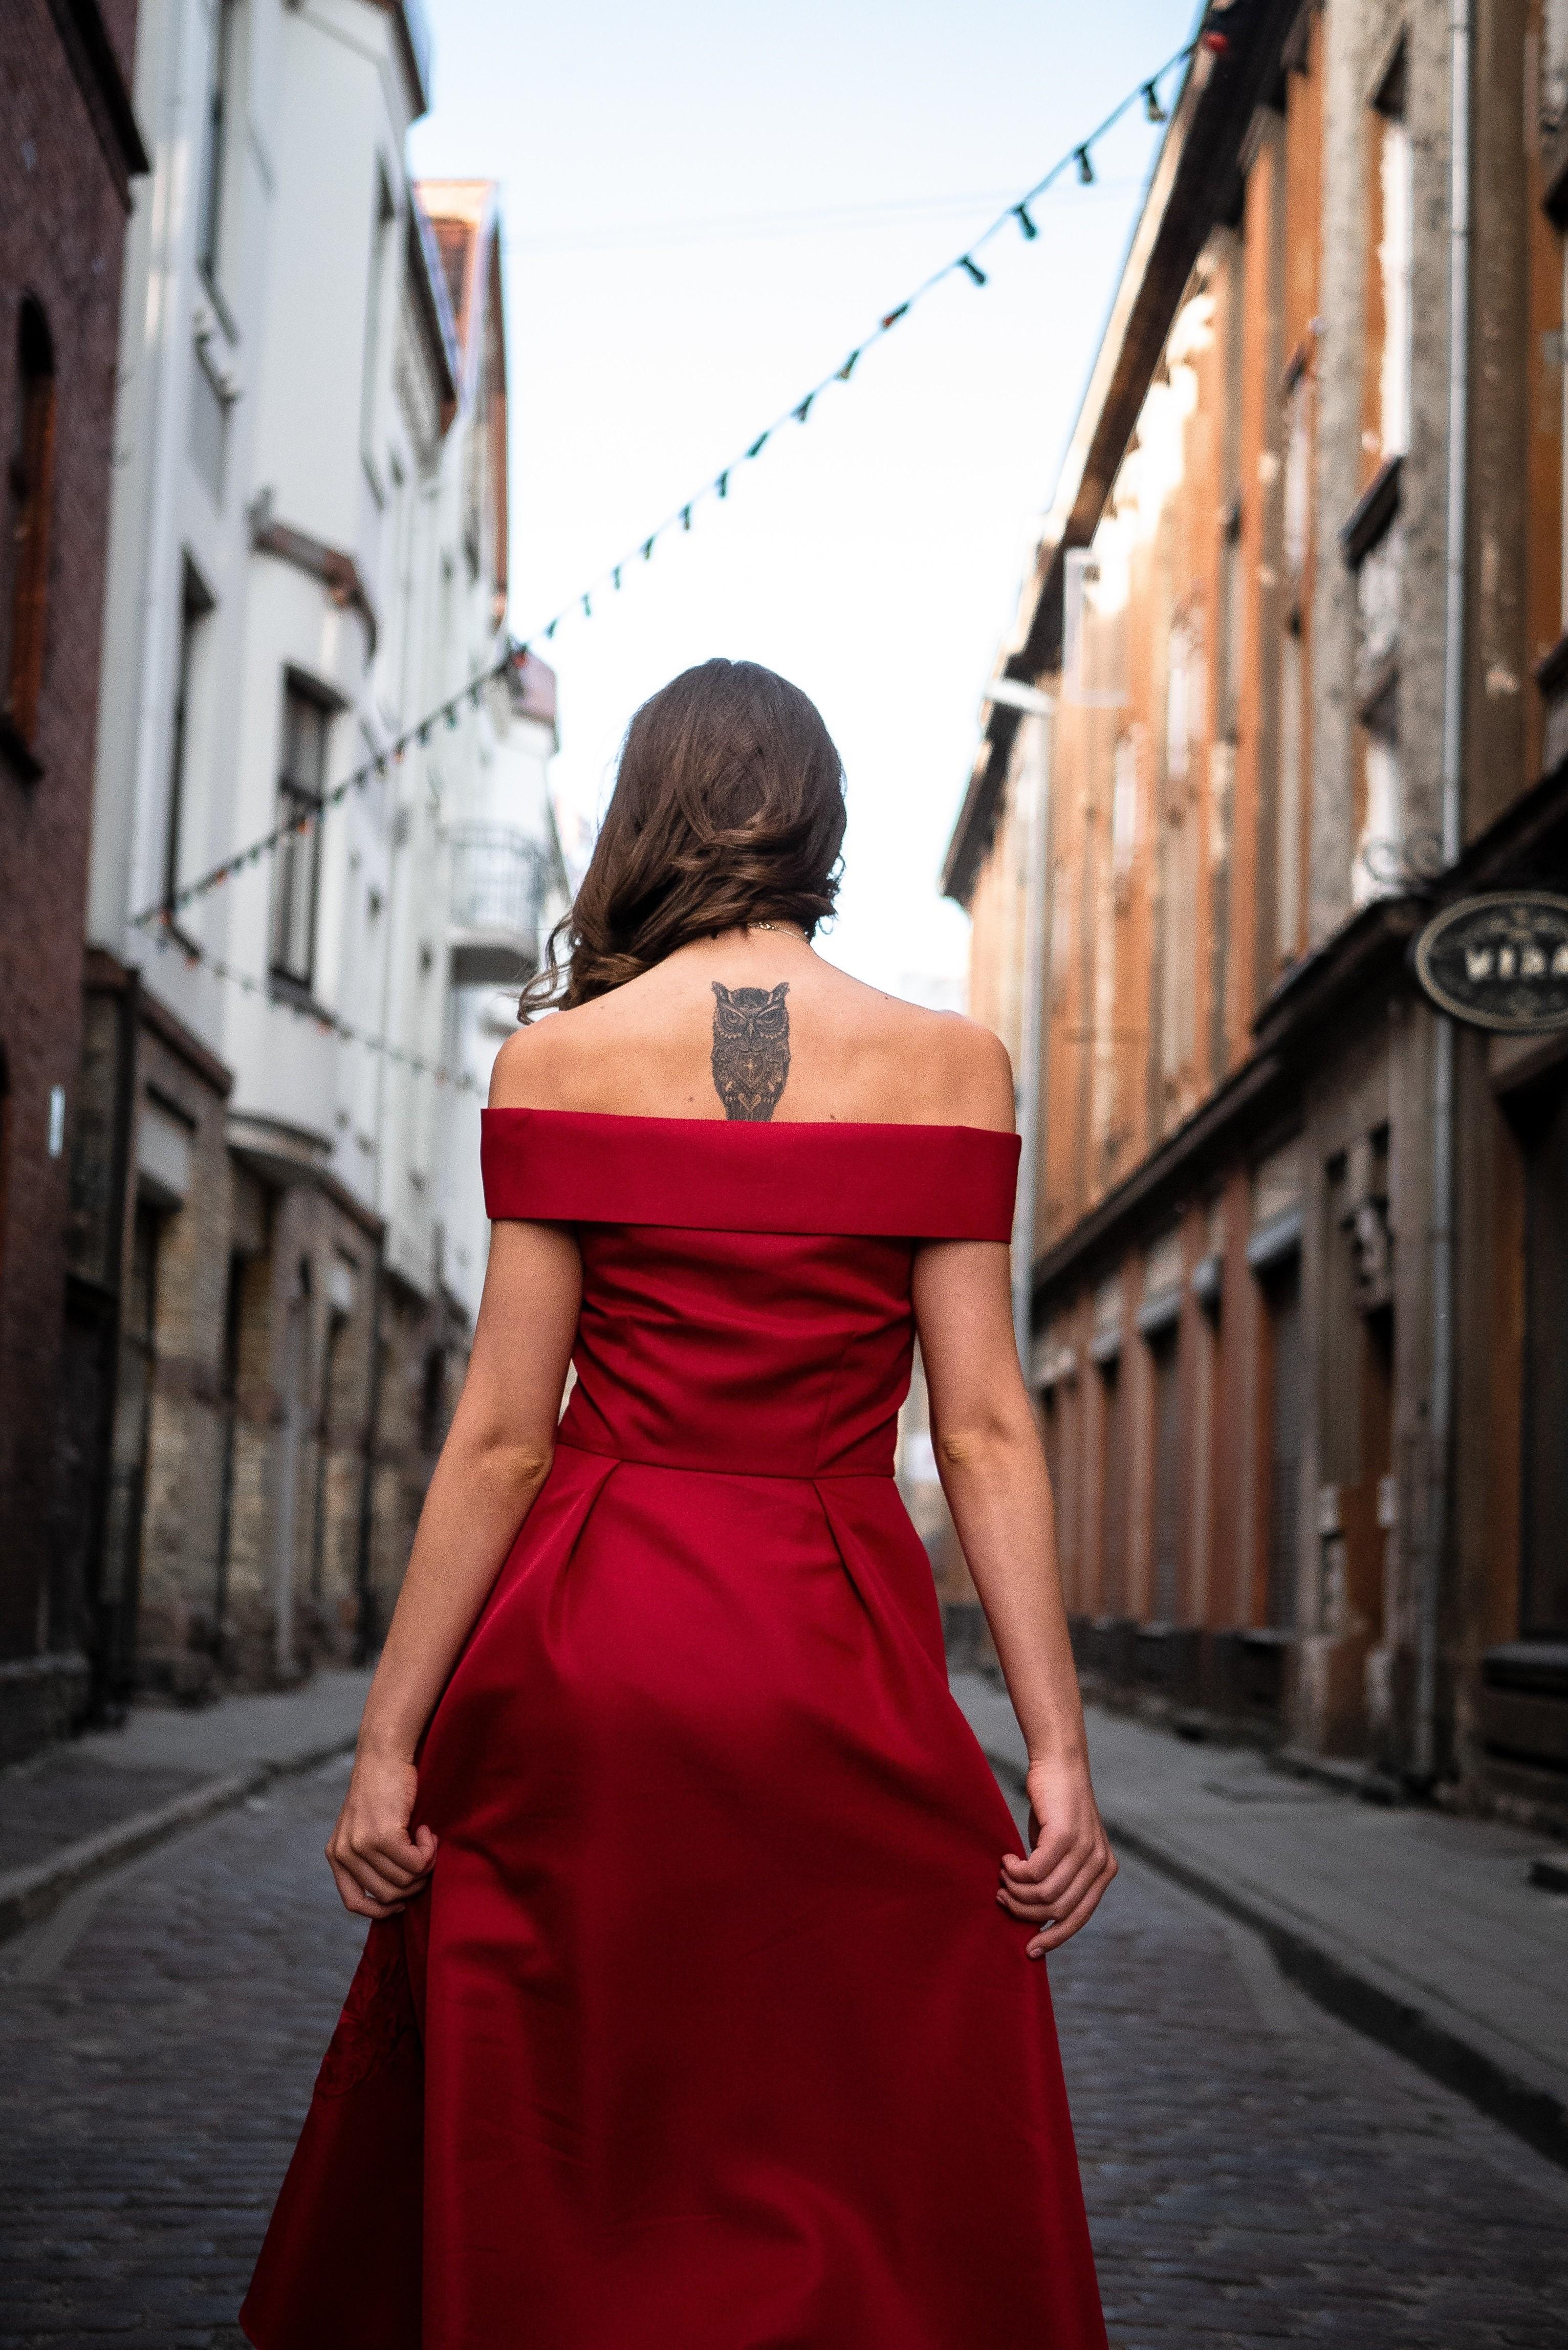 Мода по фэншуй: подбираем гардероб, приносящий удачу